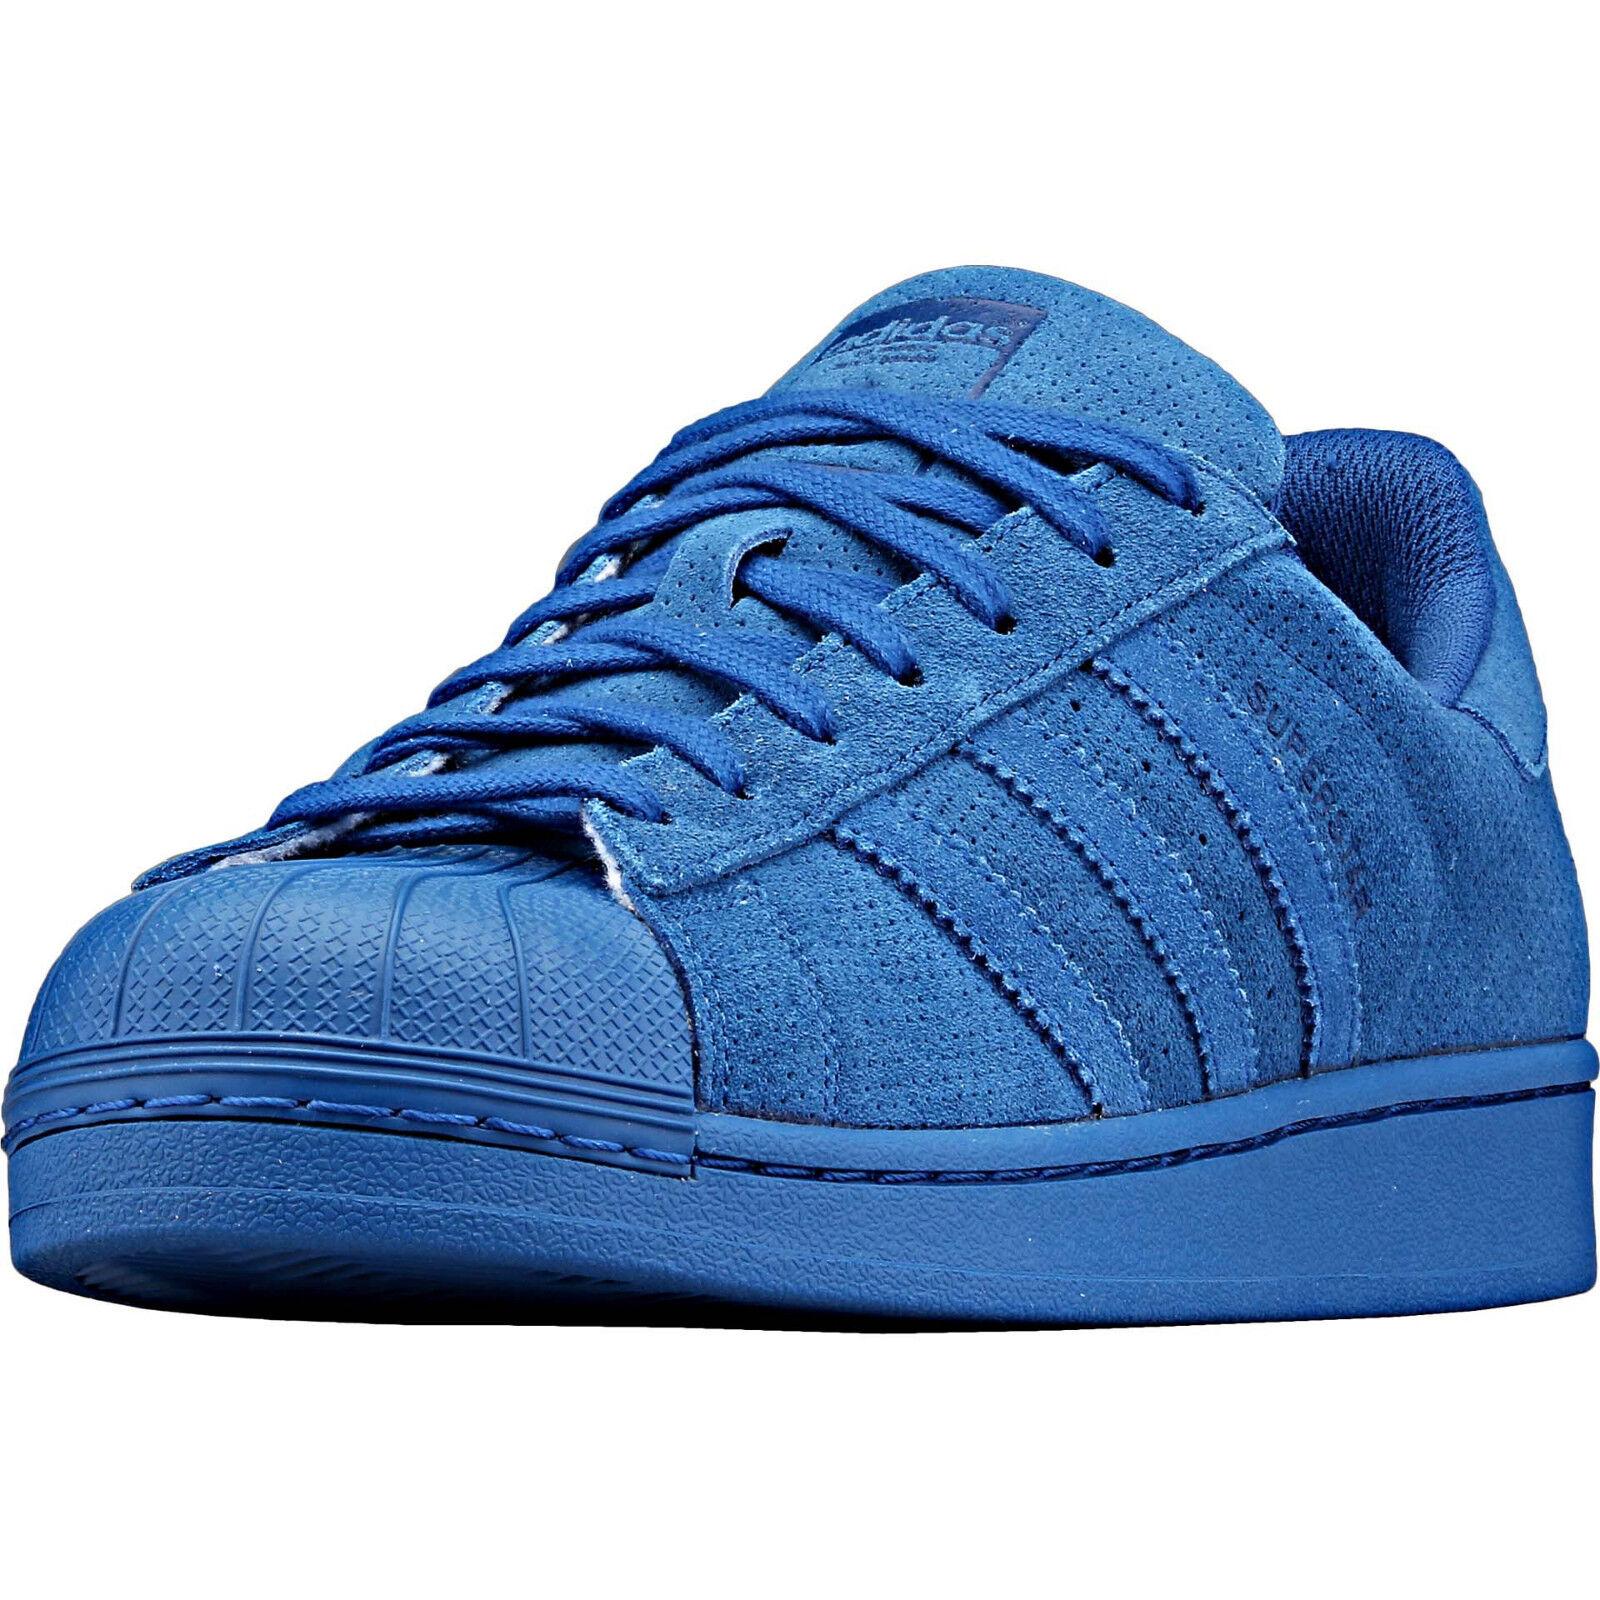 ADIDAS Originals Superstar RT AQ4165 Para hombre Zapatillas Gamuza Cuero Azul